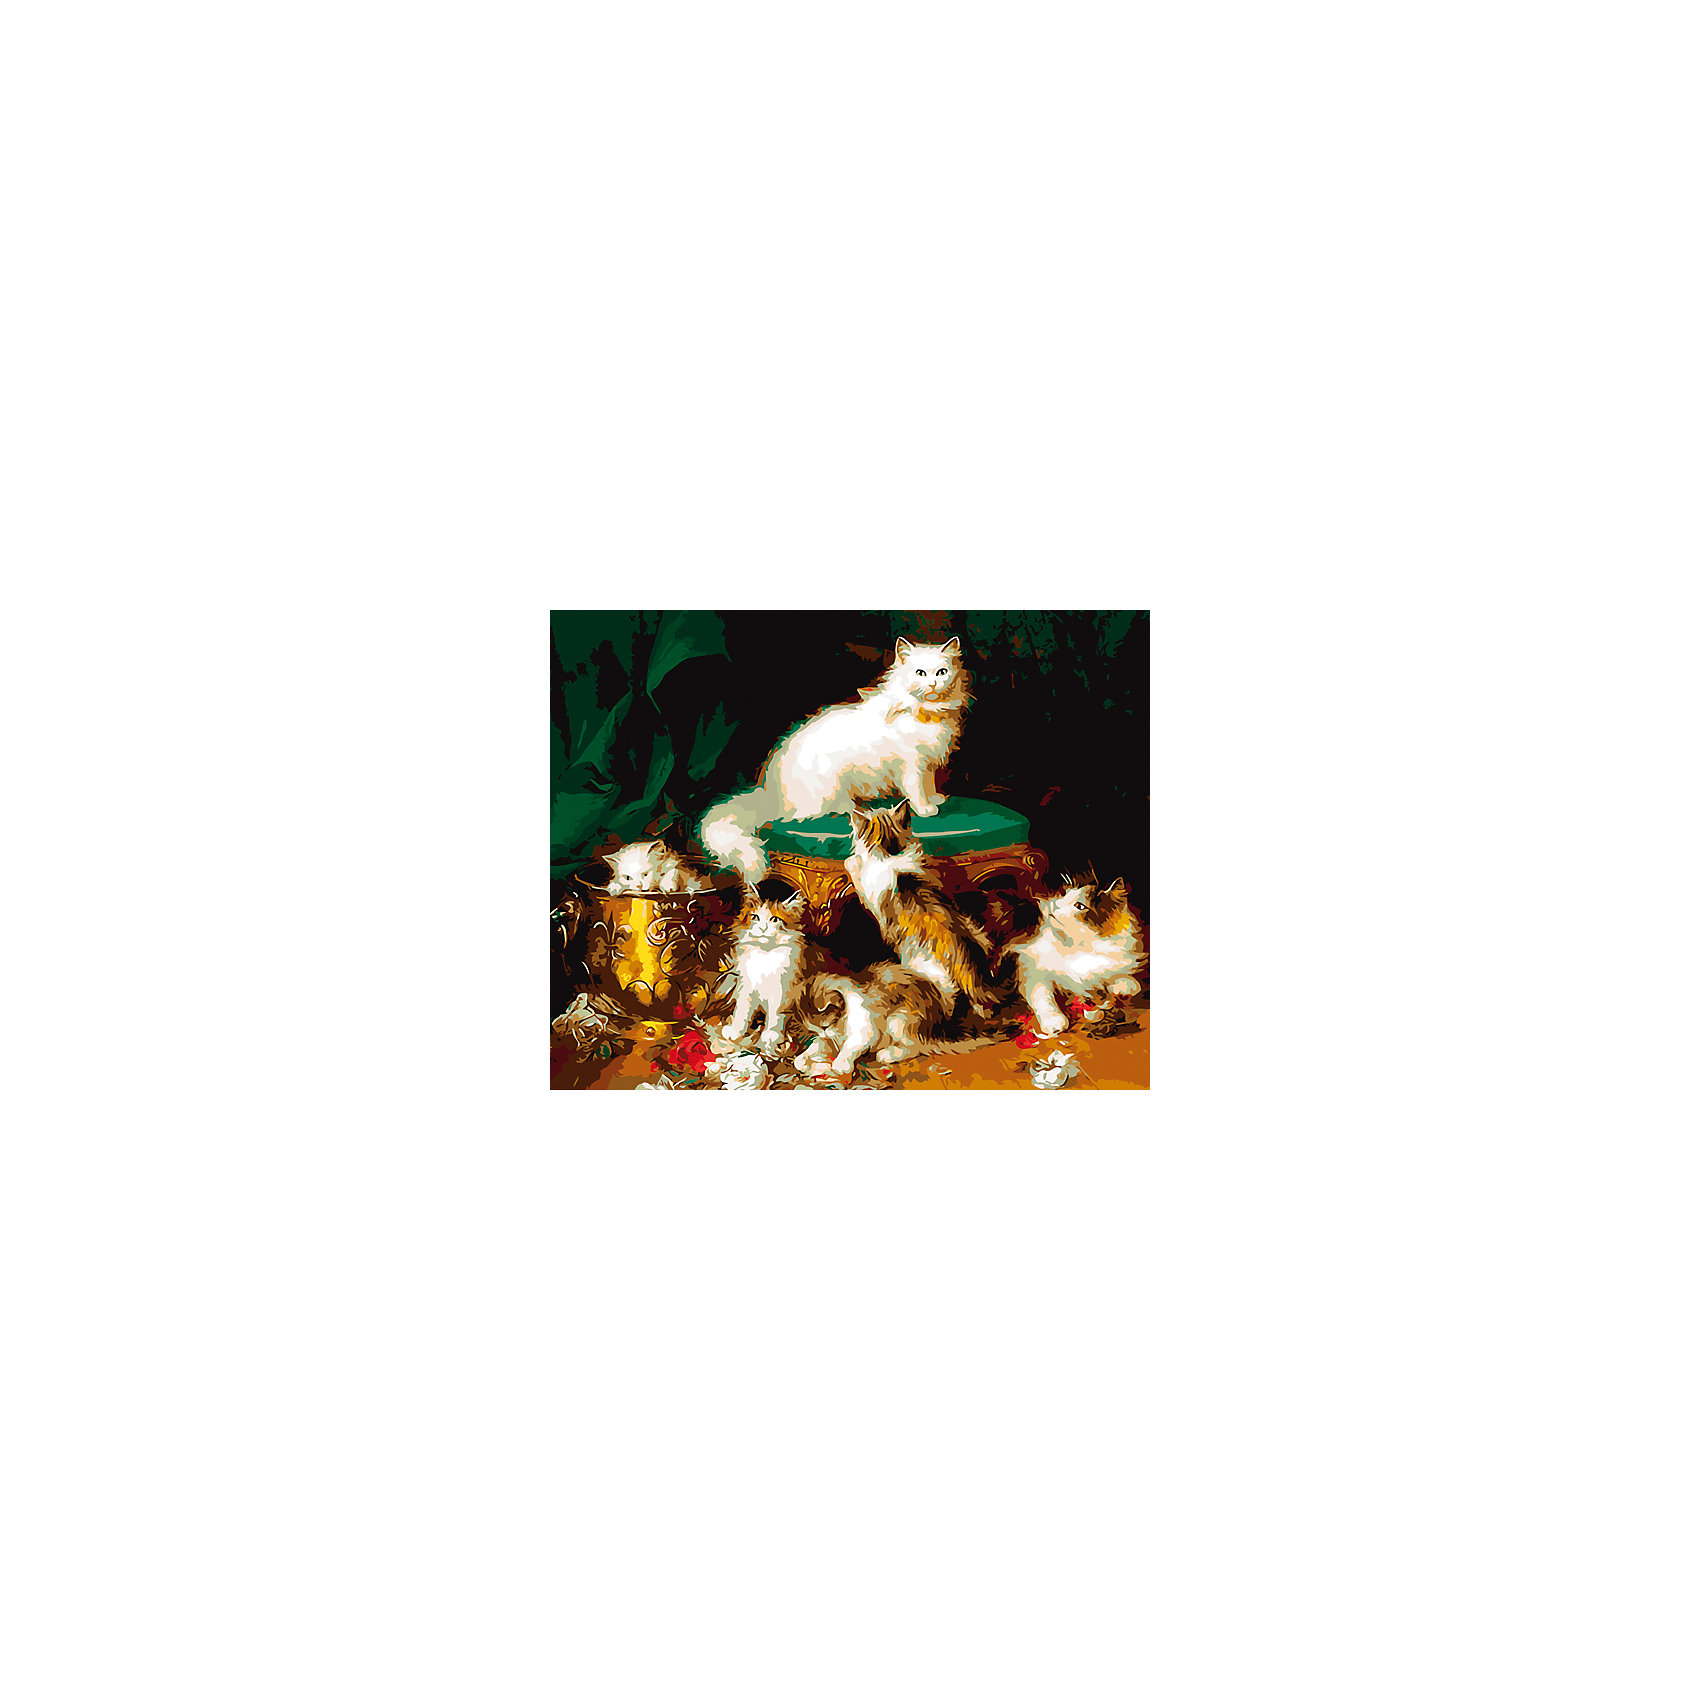 Холст с красками по номерам Пушистые котята 40х50 смзамечательные наборы для создания уникального шедевра изобразительного искусства. Создание картин на специально подготовленной рабочей поверхности – это уникальная техника, позволяющая делать Ваши шедевры более яркими и реалистичными. Просто нанесите мазки на уже готовый эскиз и оживите картину! Готовые изделия могут стать украшением интерьера или прекрасным подарком близким и друзьям.<br><br>Ширина мм: 510<br>Глубина мм: 410<br>Высота мм: 25<br>Вес г: 900<br>Возраст от месяцев: 36<br>Возраст до месяцев: 108<br>Пол: Унисекс<br>Возраст: Детский<br>SKU: 5096781